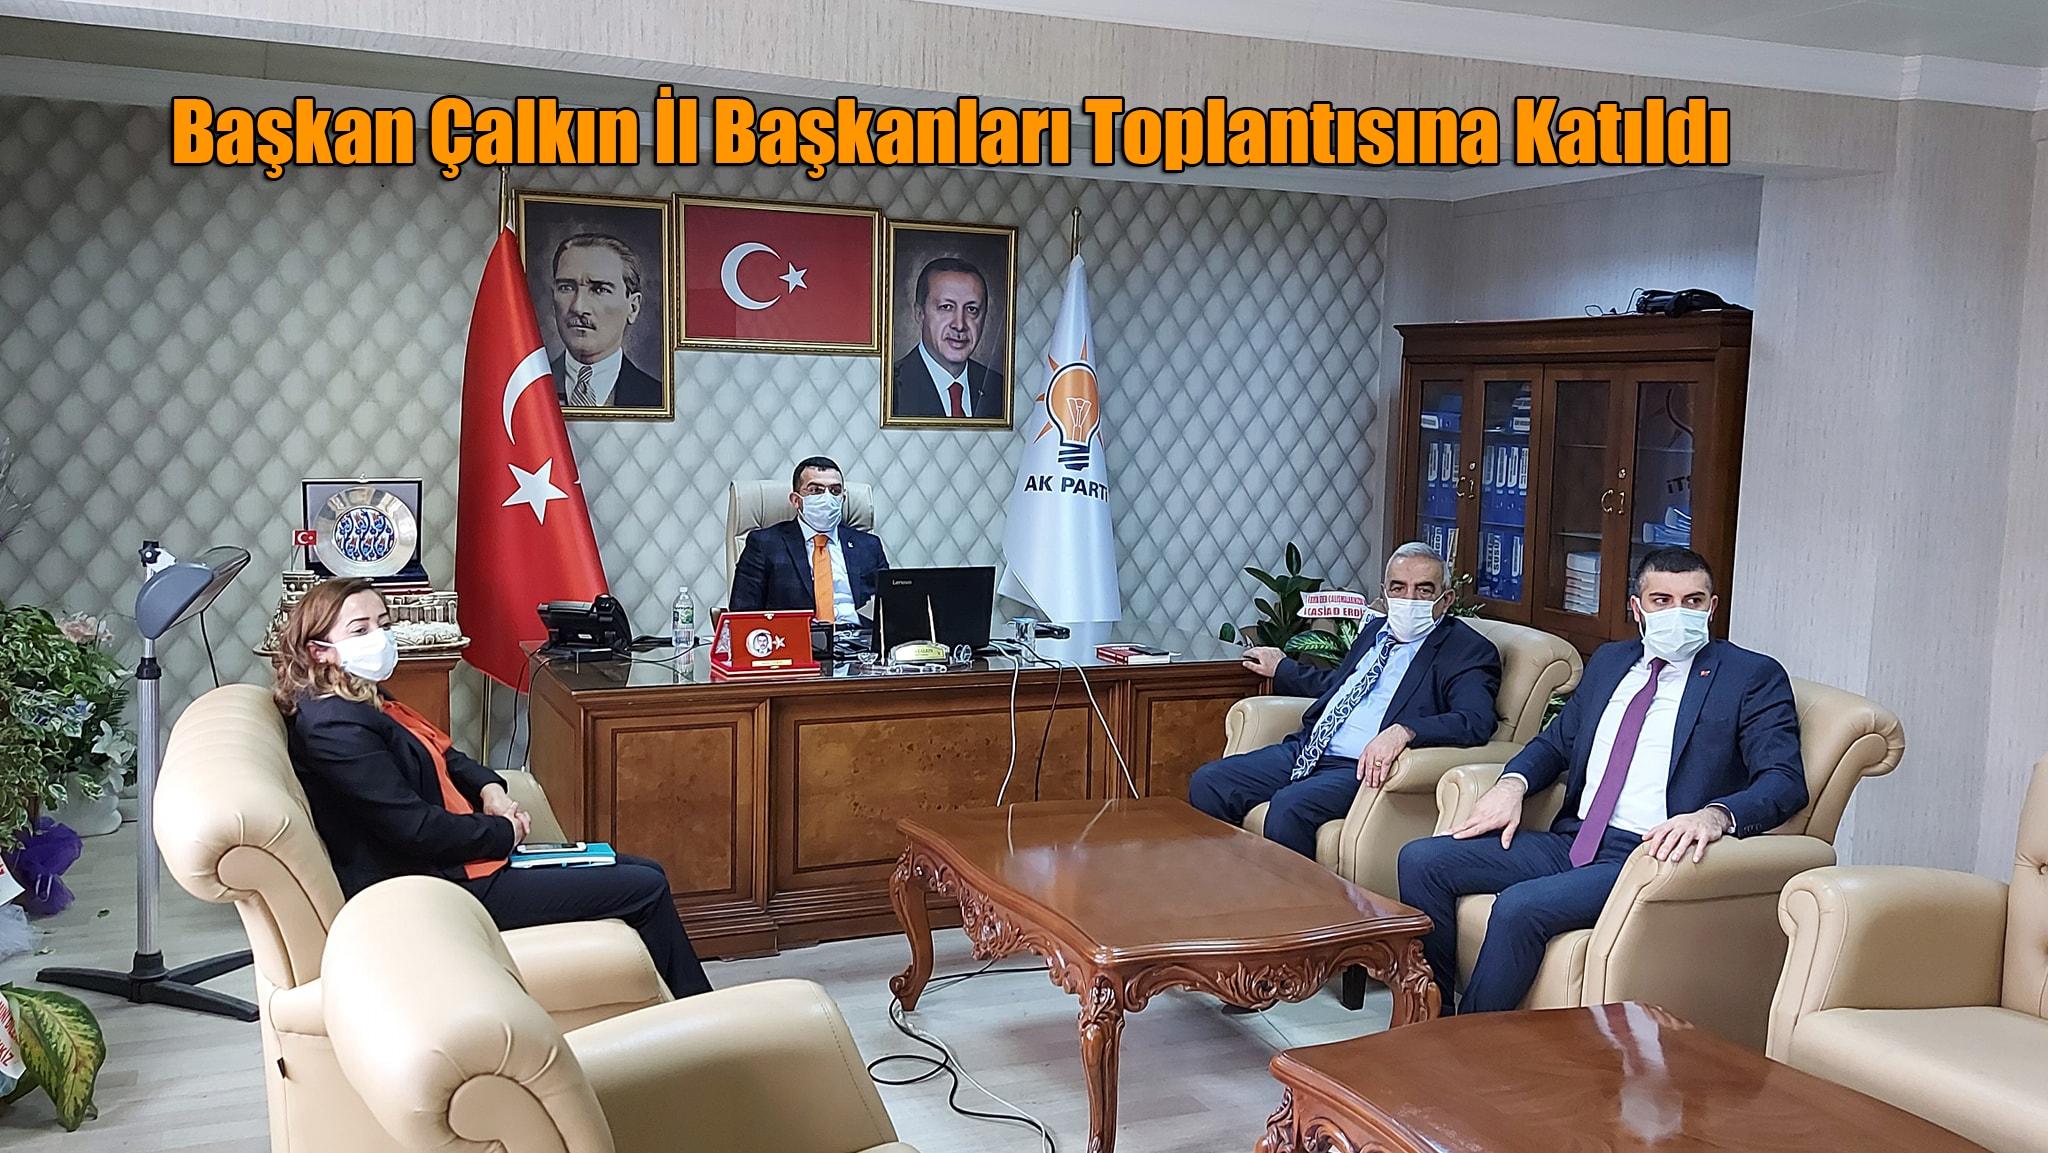 Başkan Çalkın Başkanlar toplantısına katıldı